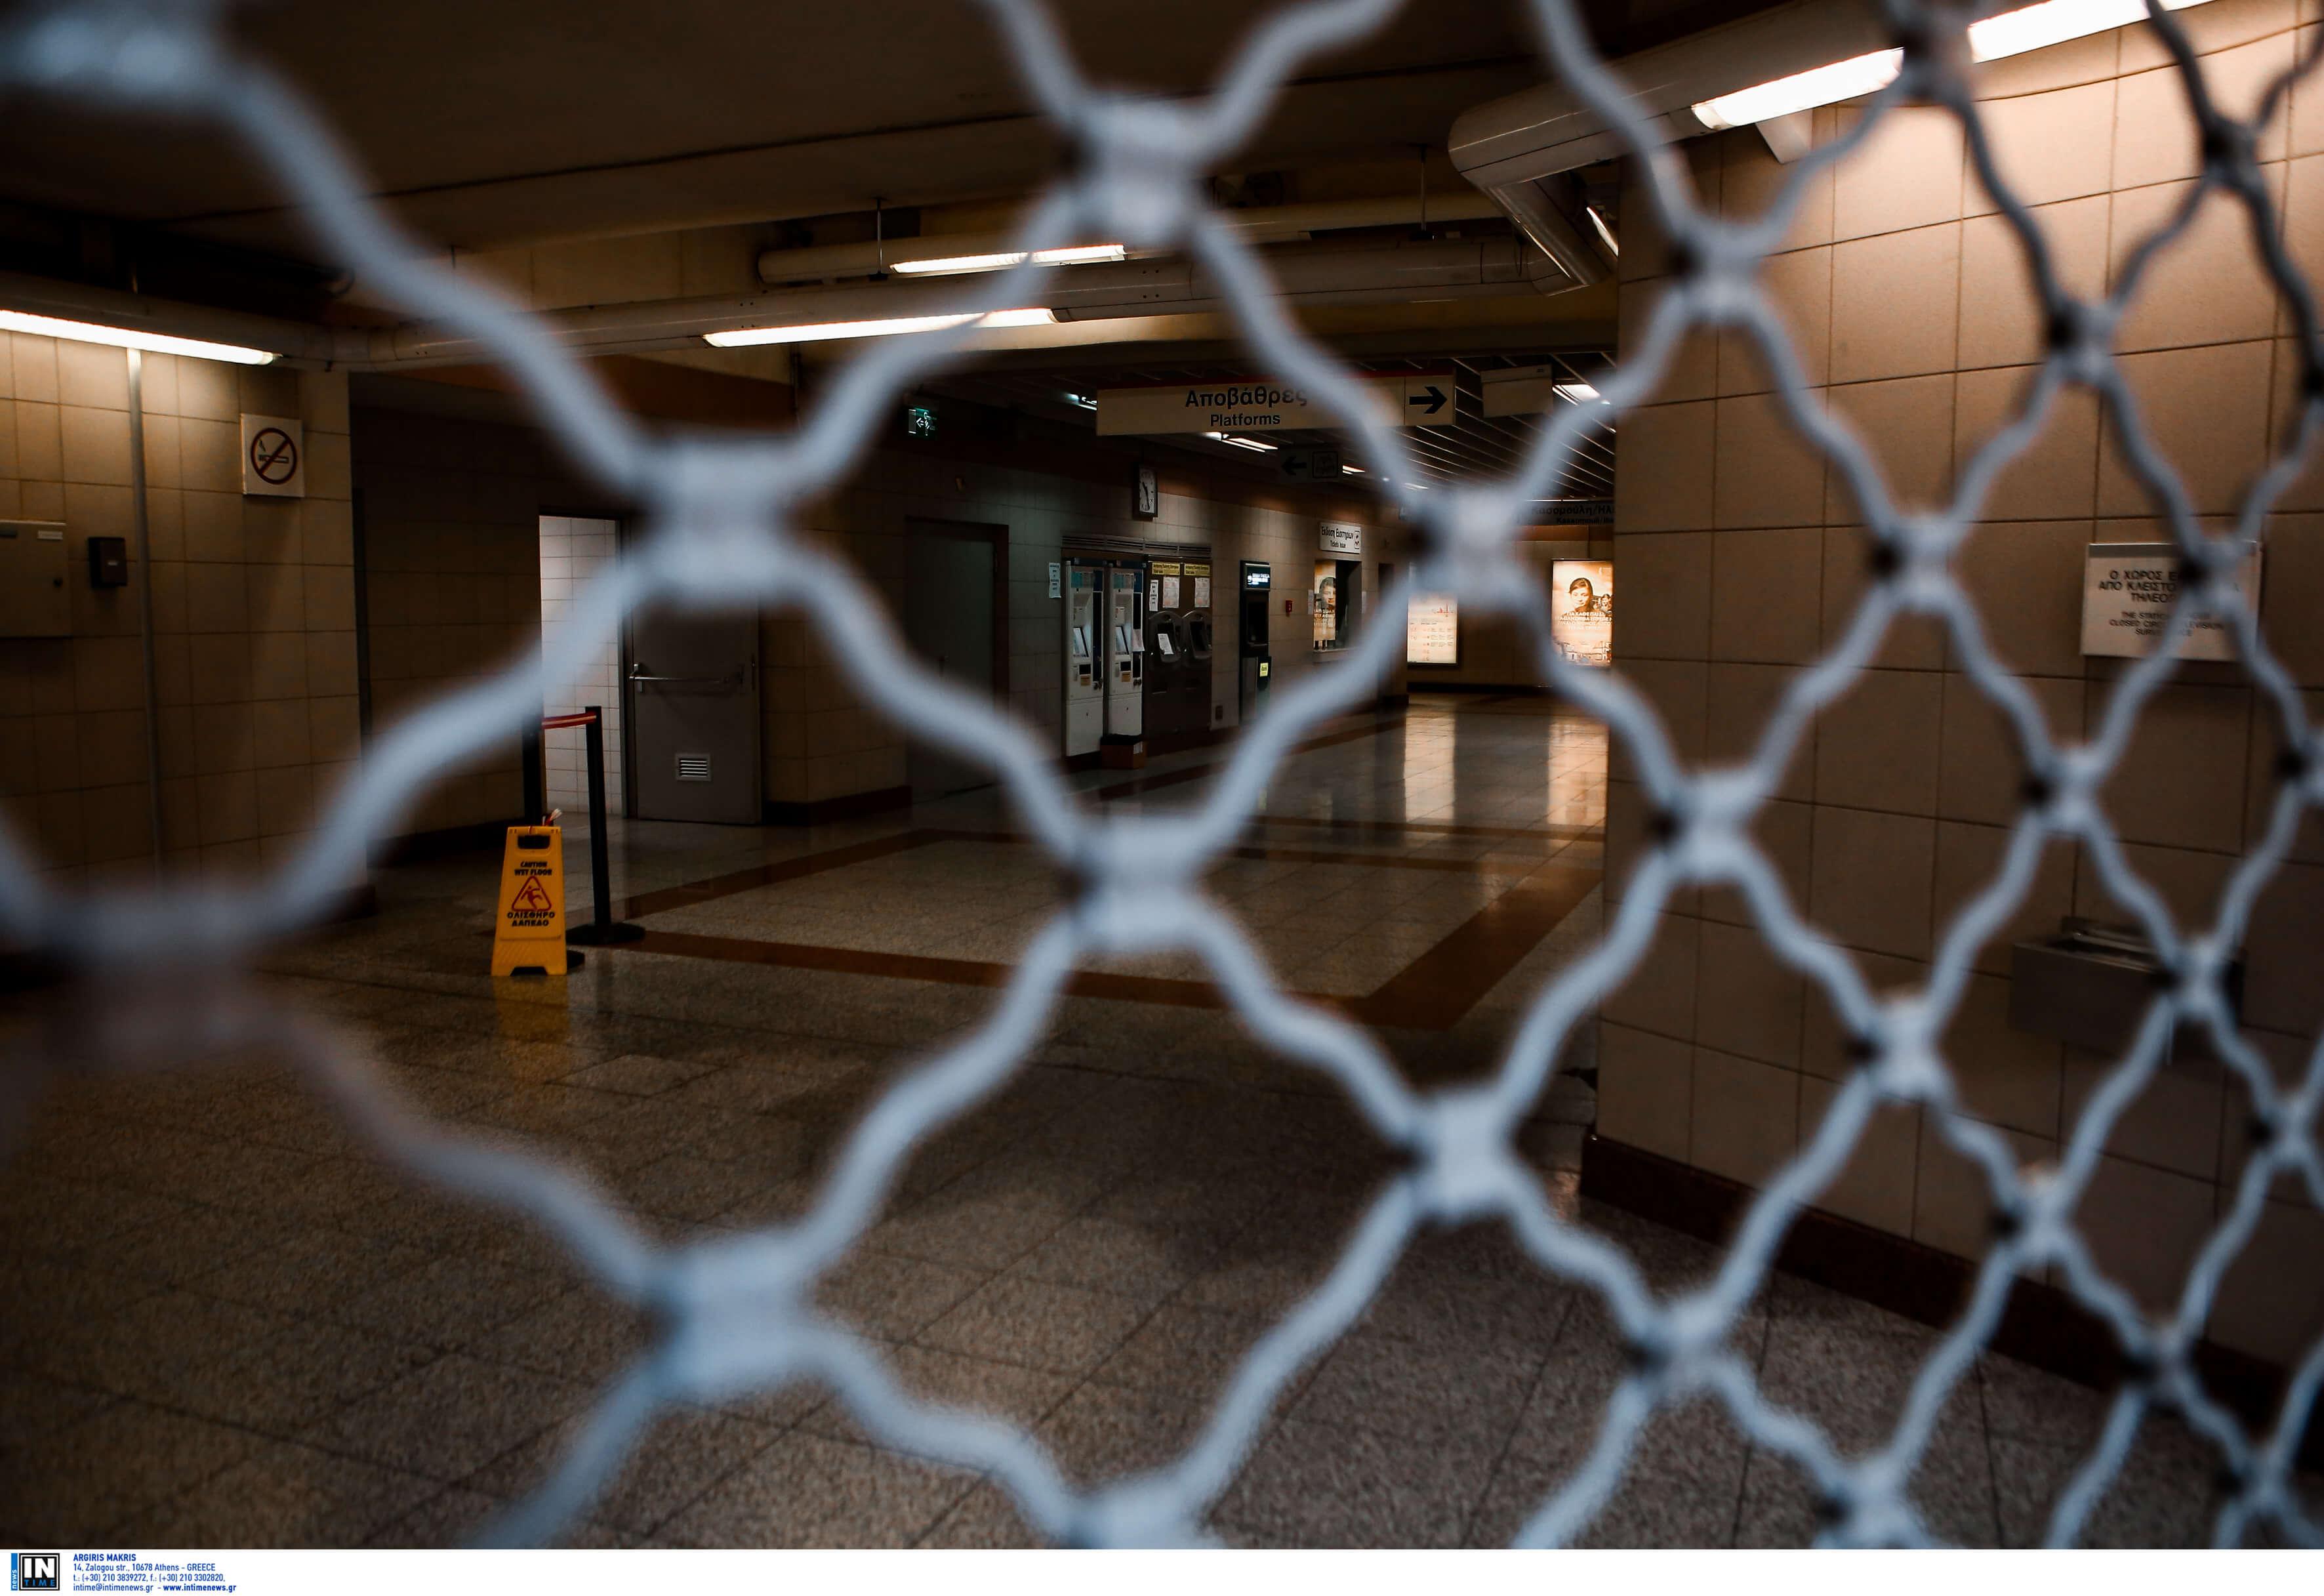 Ταλαιπωρία! Χωρίς μετρό, ηλεκτρικό και τραμ την Παρασκευή – Δείτε ποιες ώρες